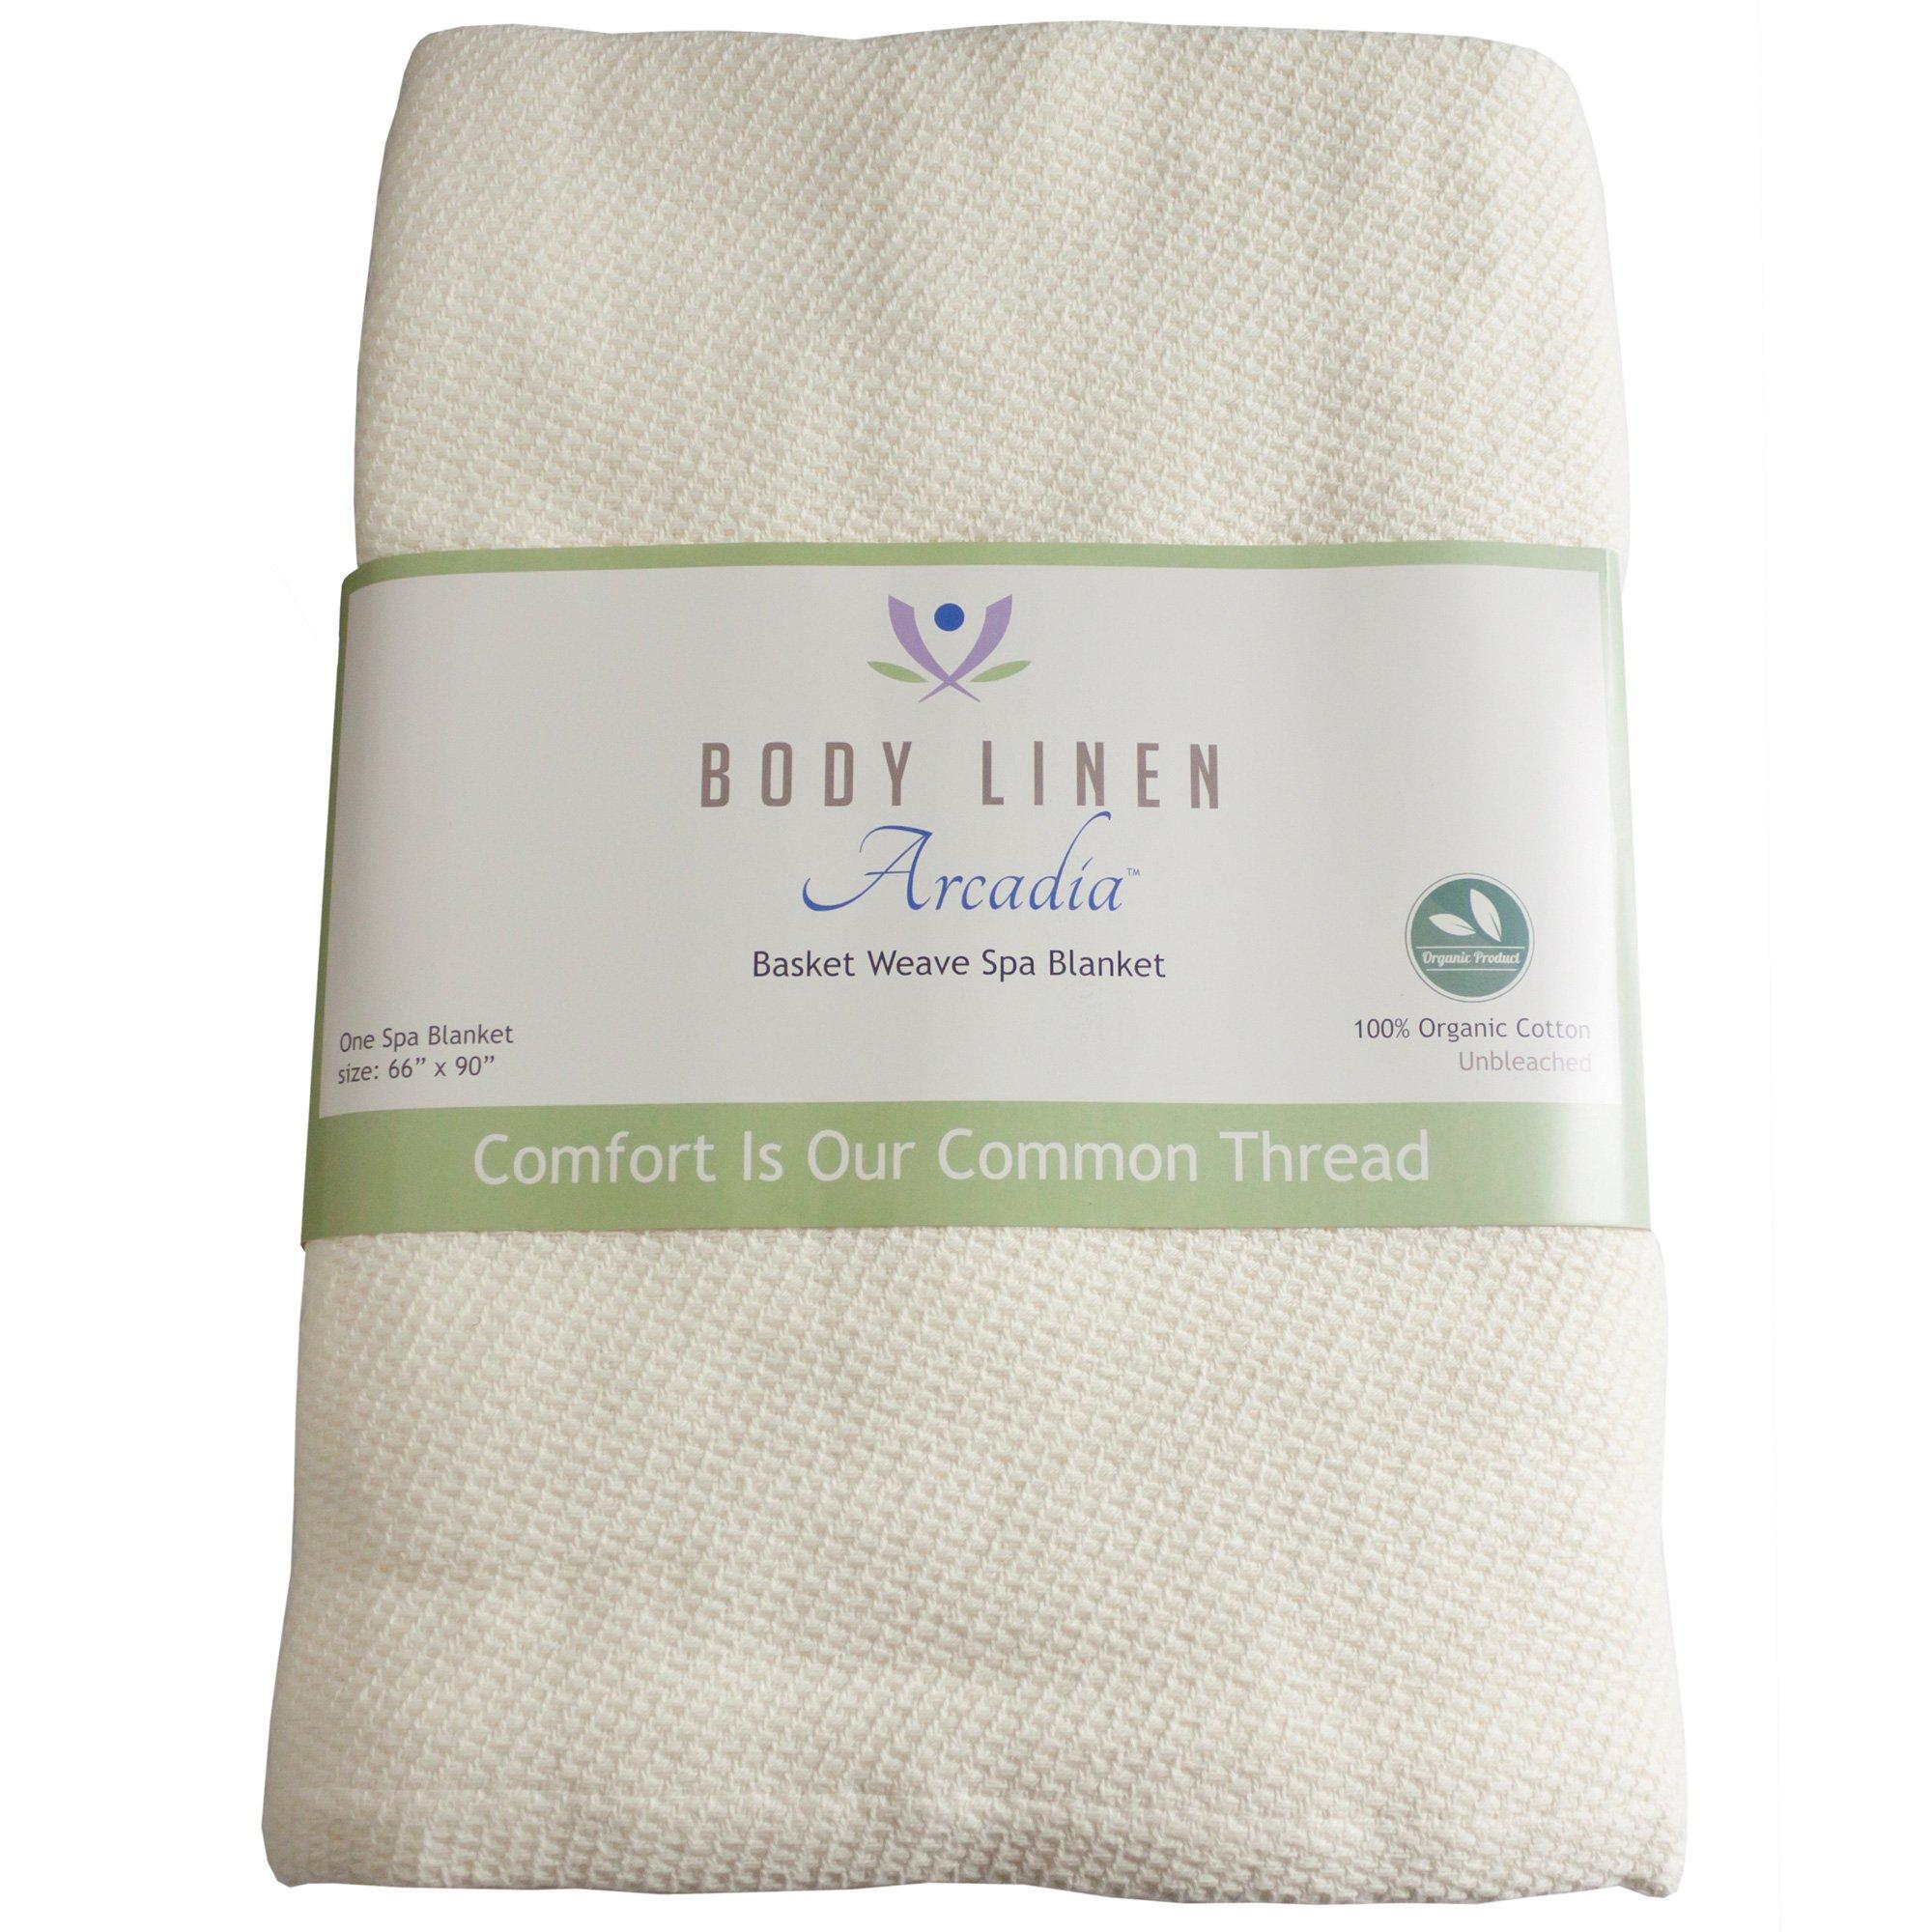 Body Linen Organic Basket Weave Spa Blanket by Body Linen